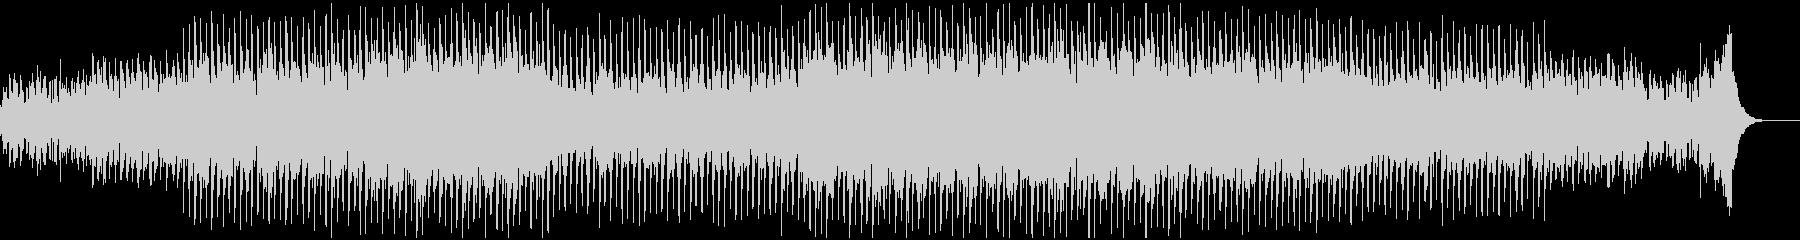 ミステリアスで謎に迫る様な神秘的BGMの未再生の波形